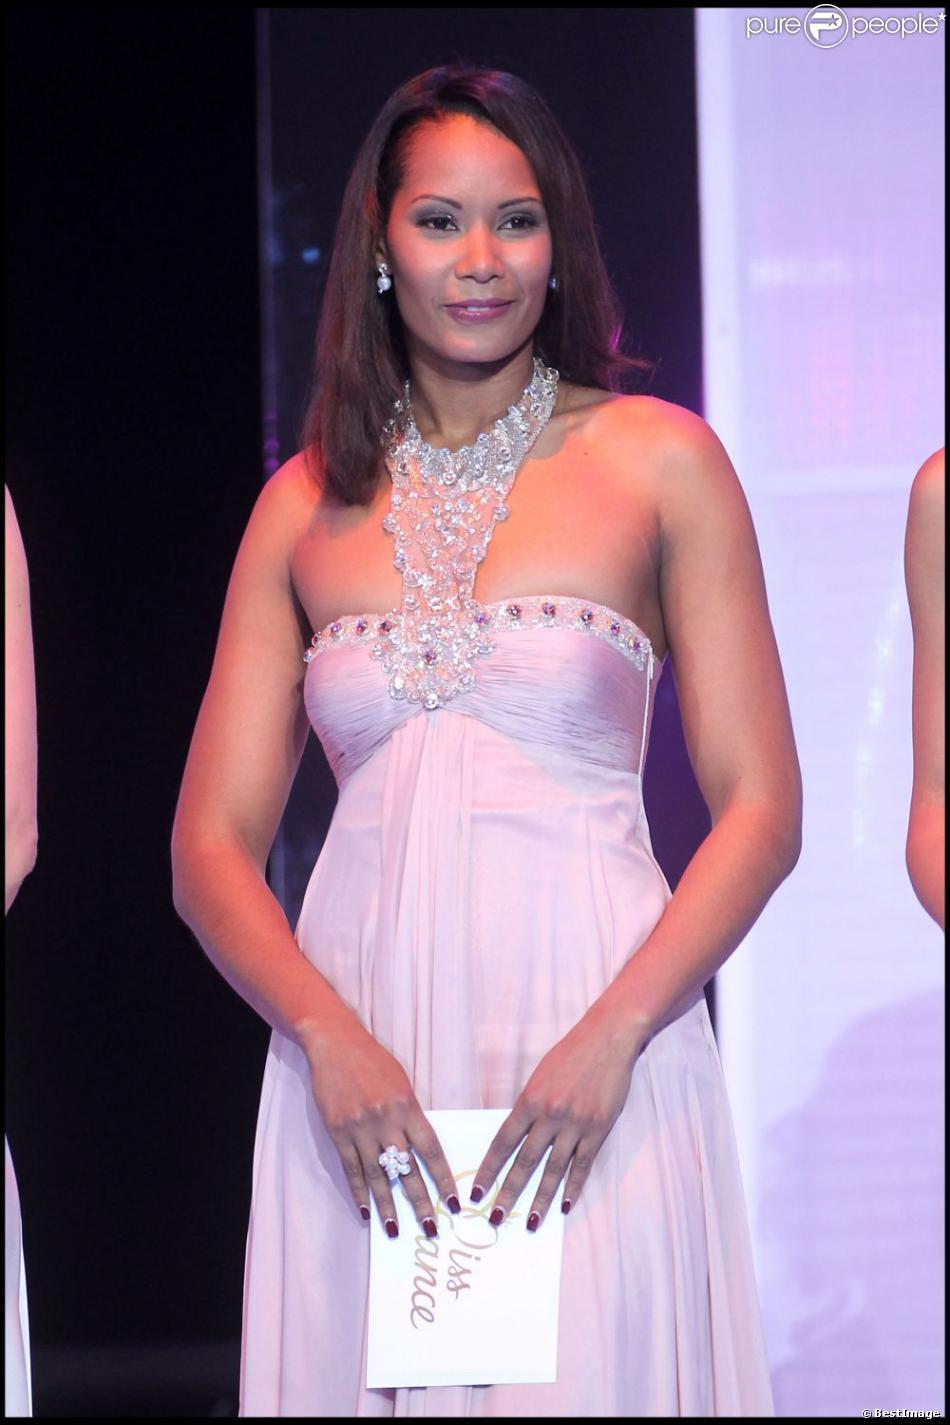 Corinne Coman lors de l'élection Miss France 2011 à Caen, le 4 décembre 2010.